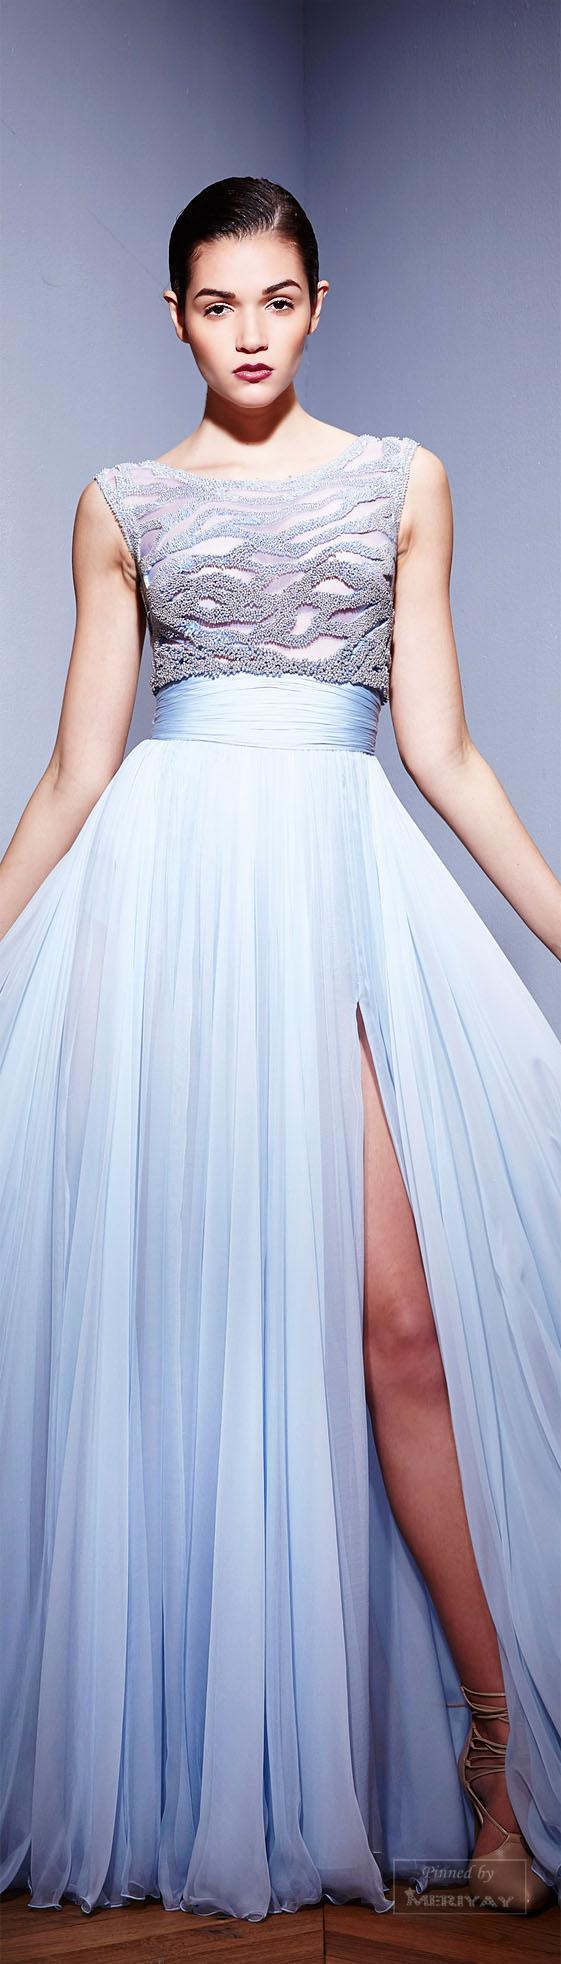 Azul claro dress pinterest zuhair murad fall and gowns